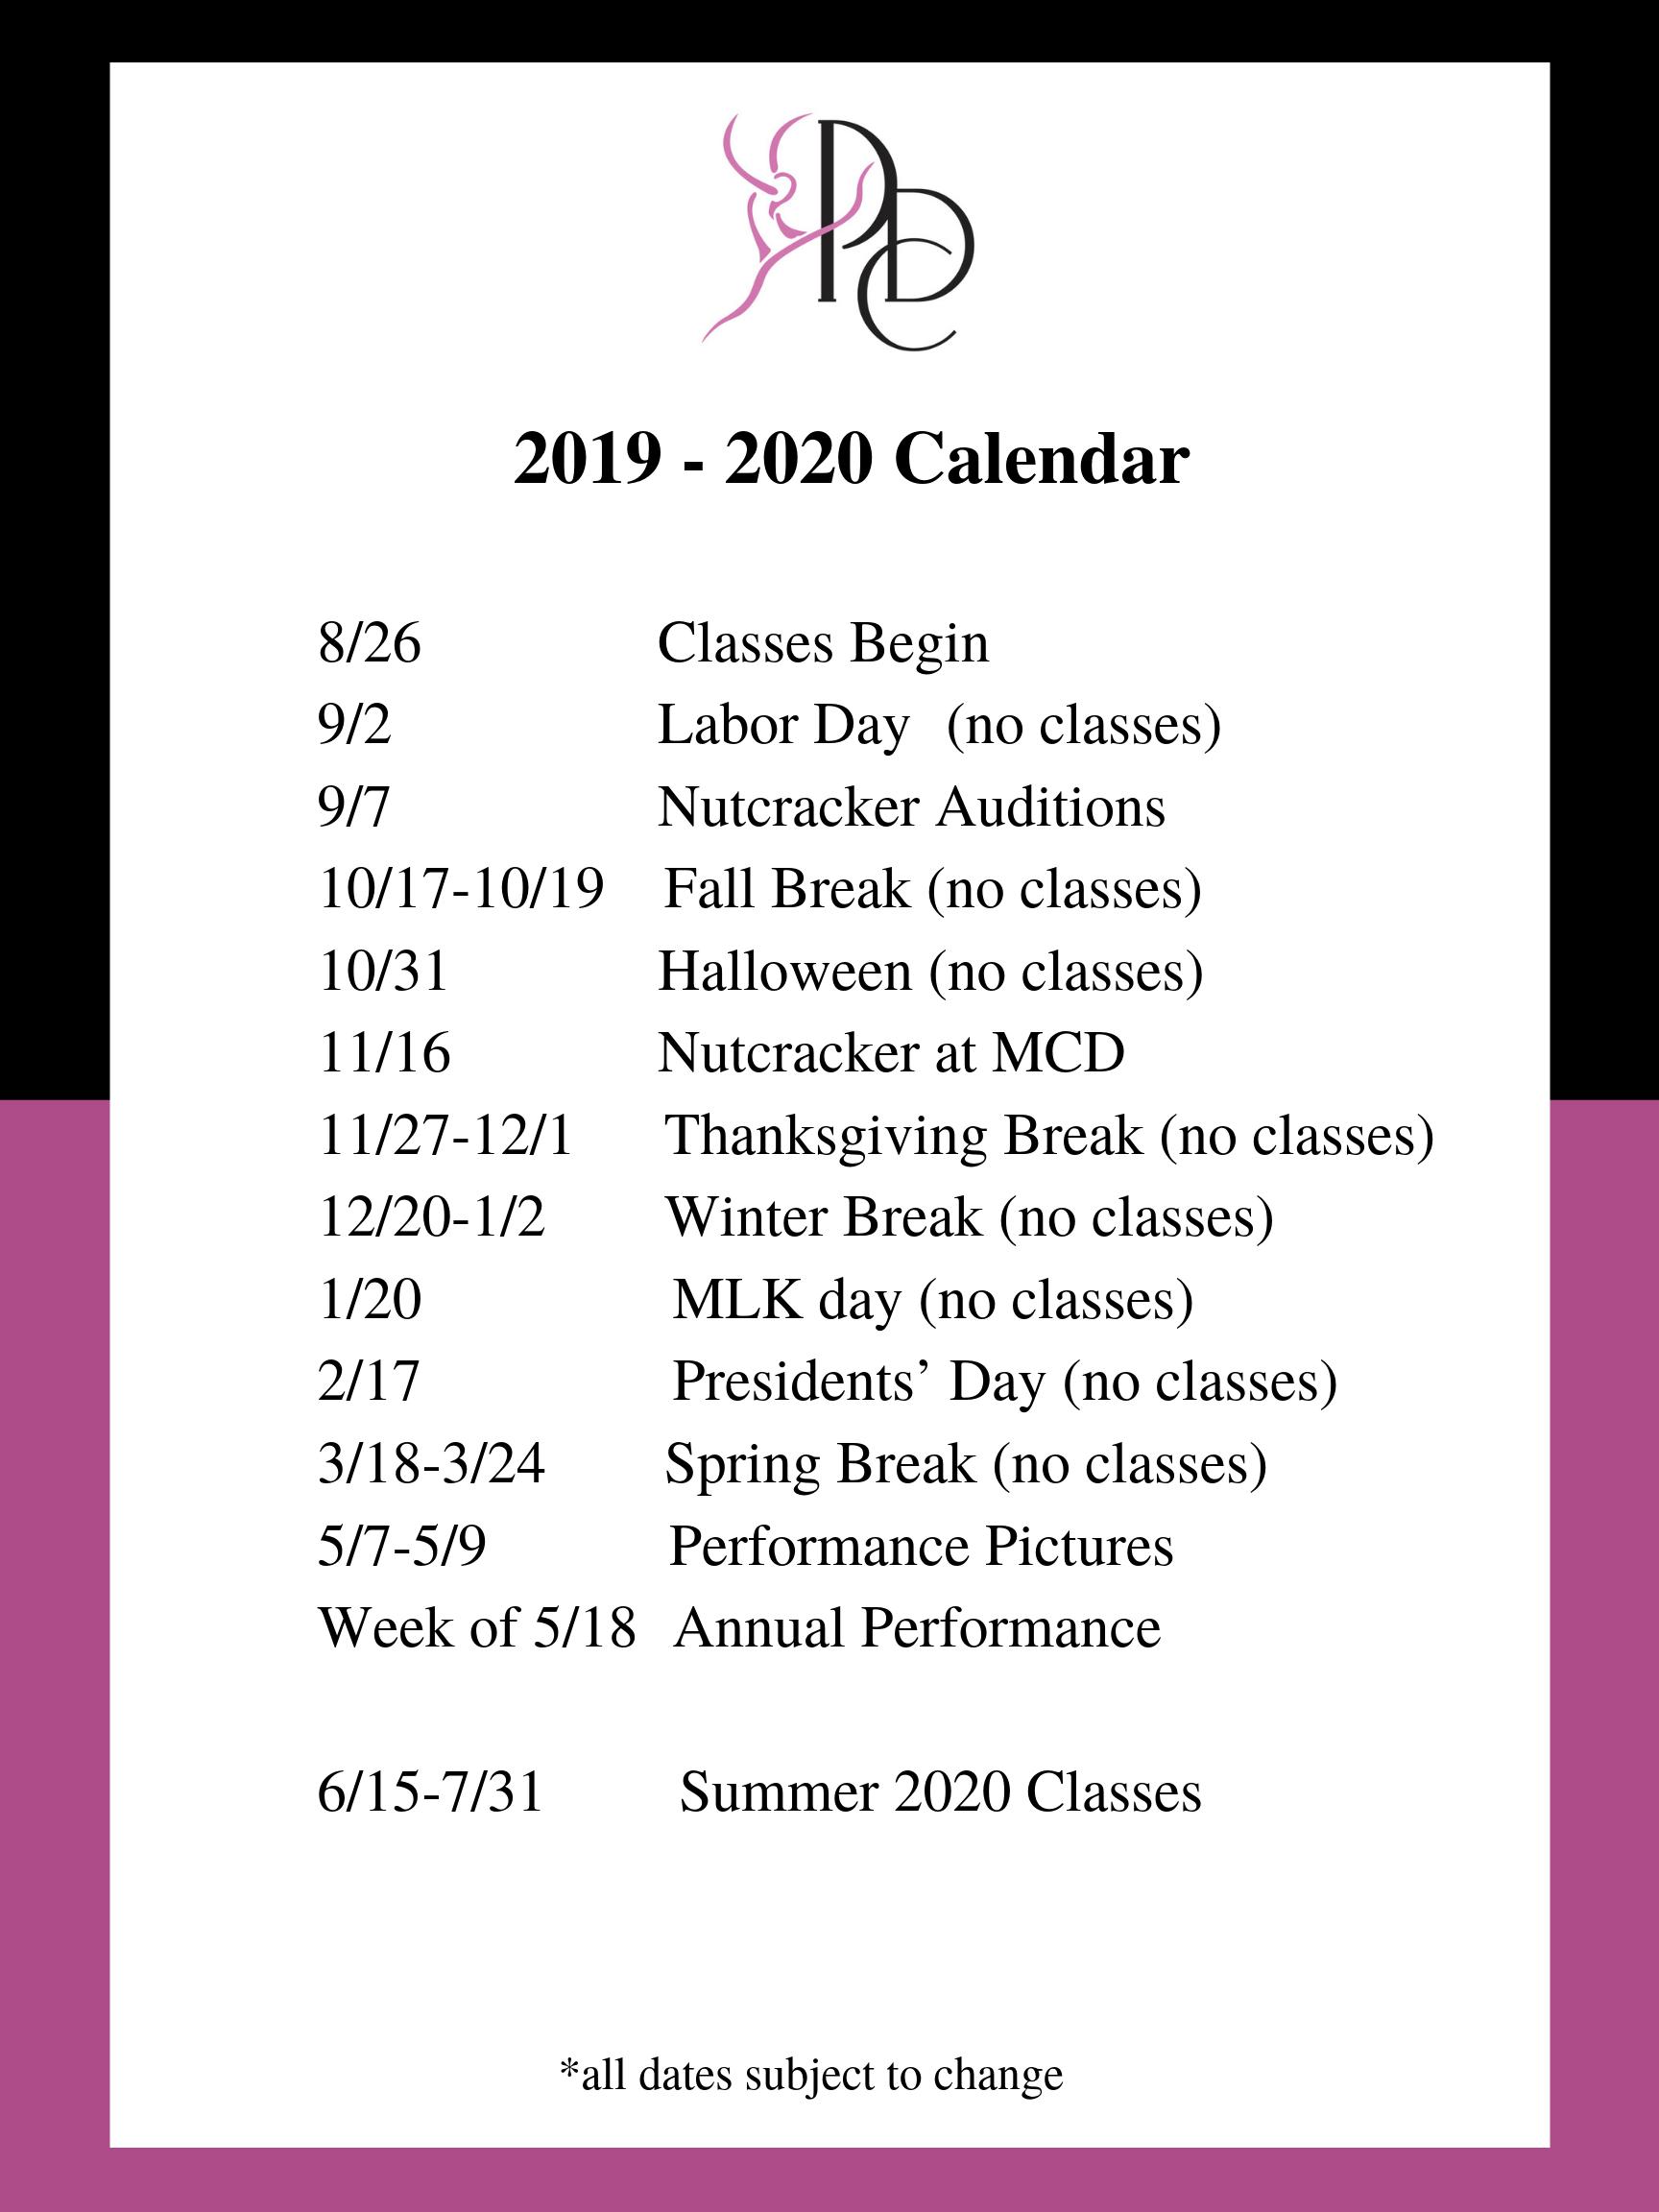 Calendar_2019_2020.png